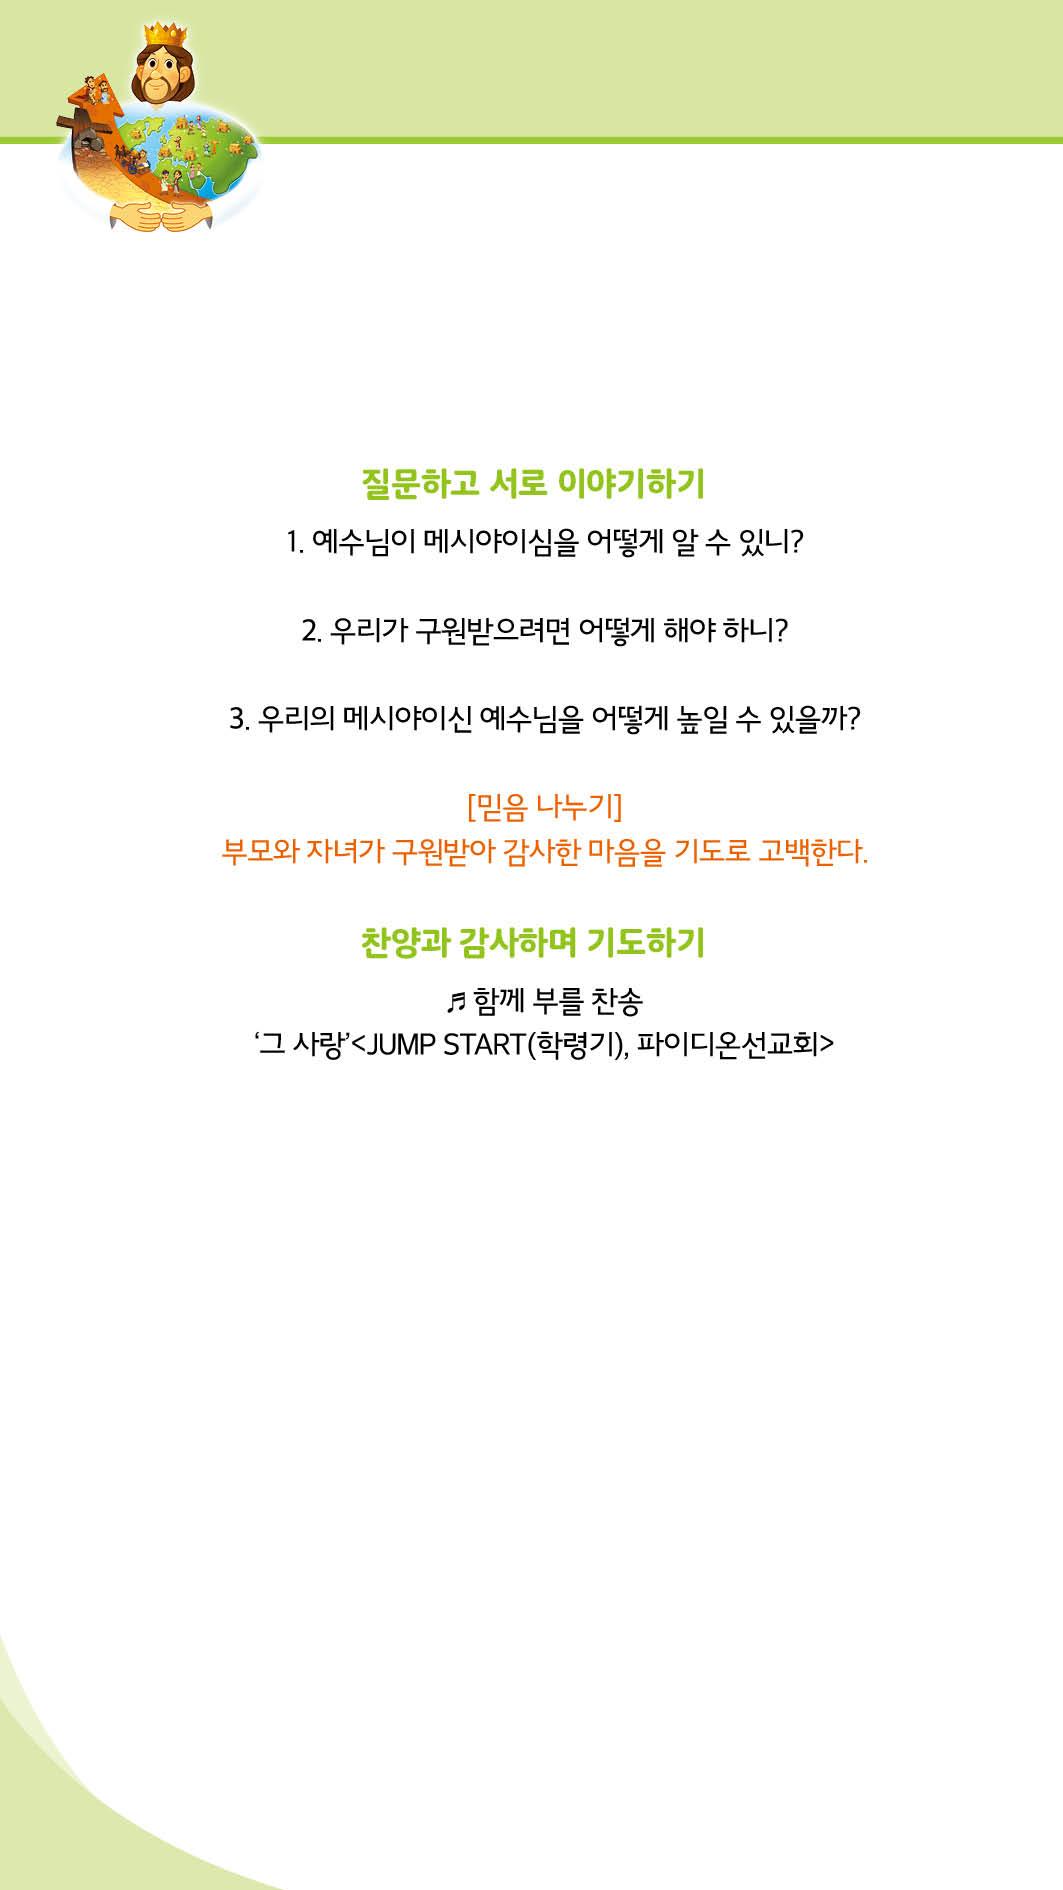 예빌 가정활동자료_신약2 모바일 1과_학령기4.jpg